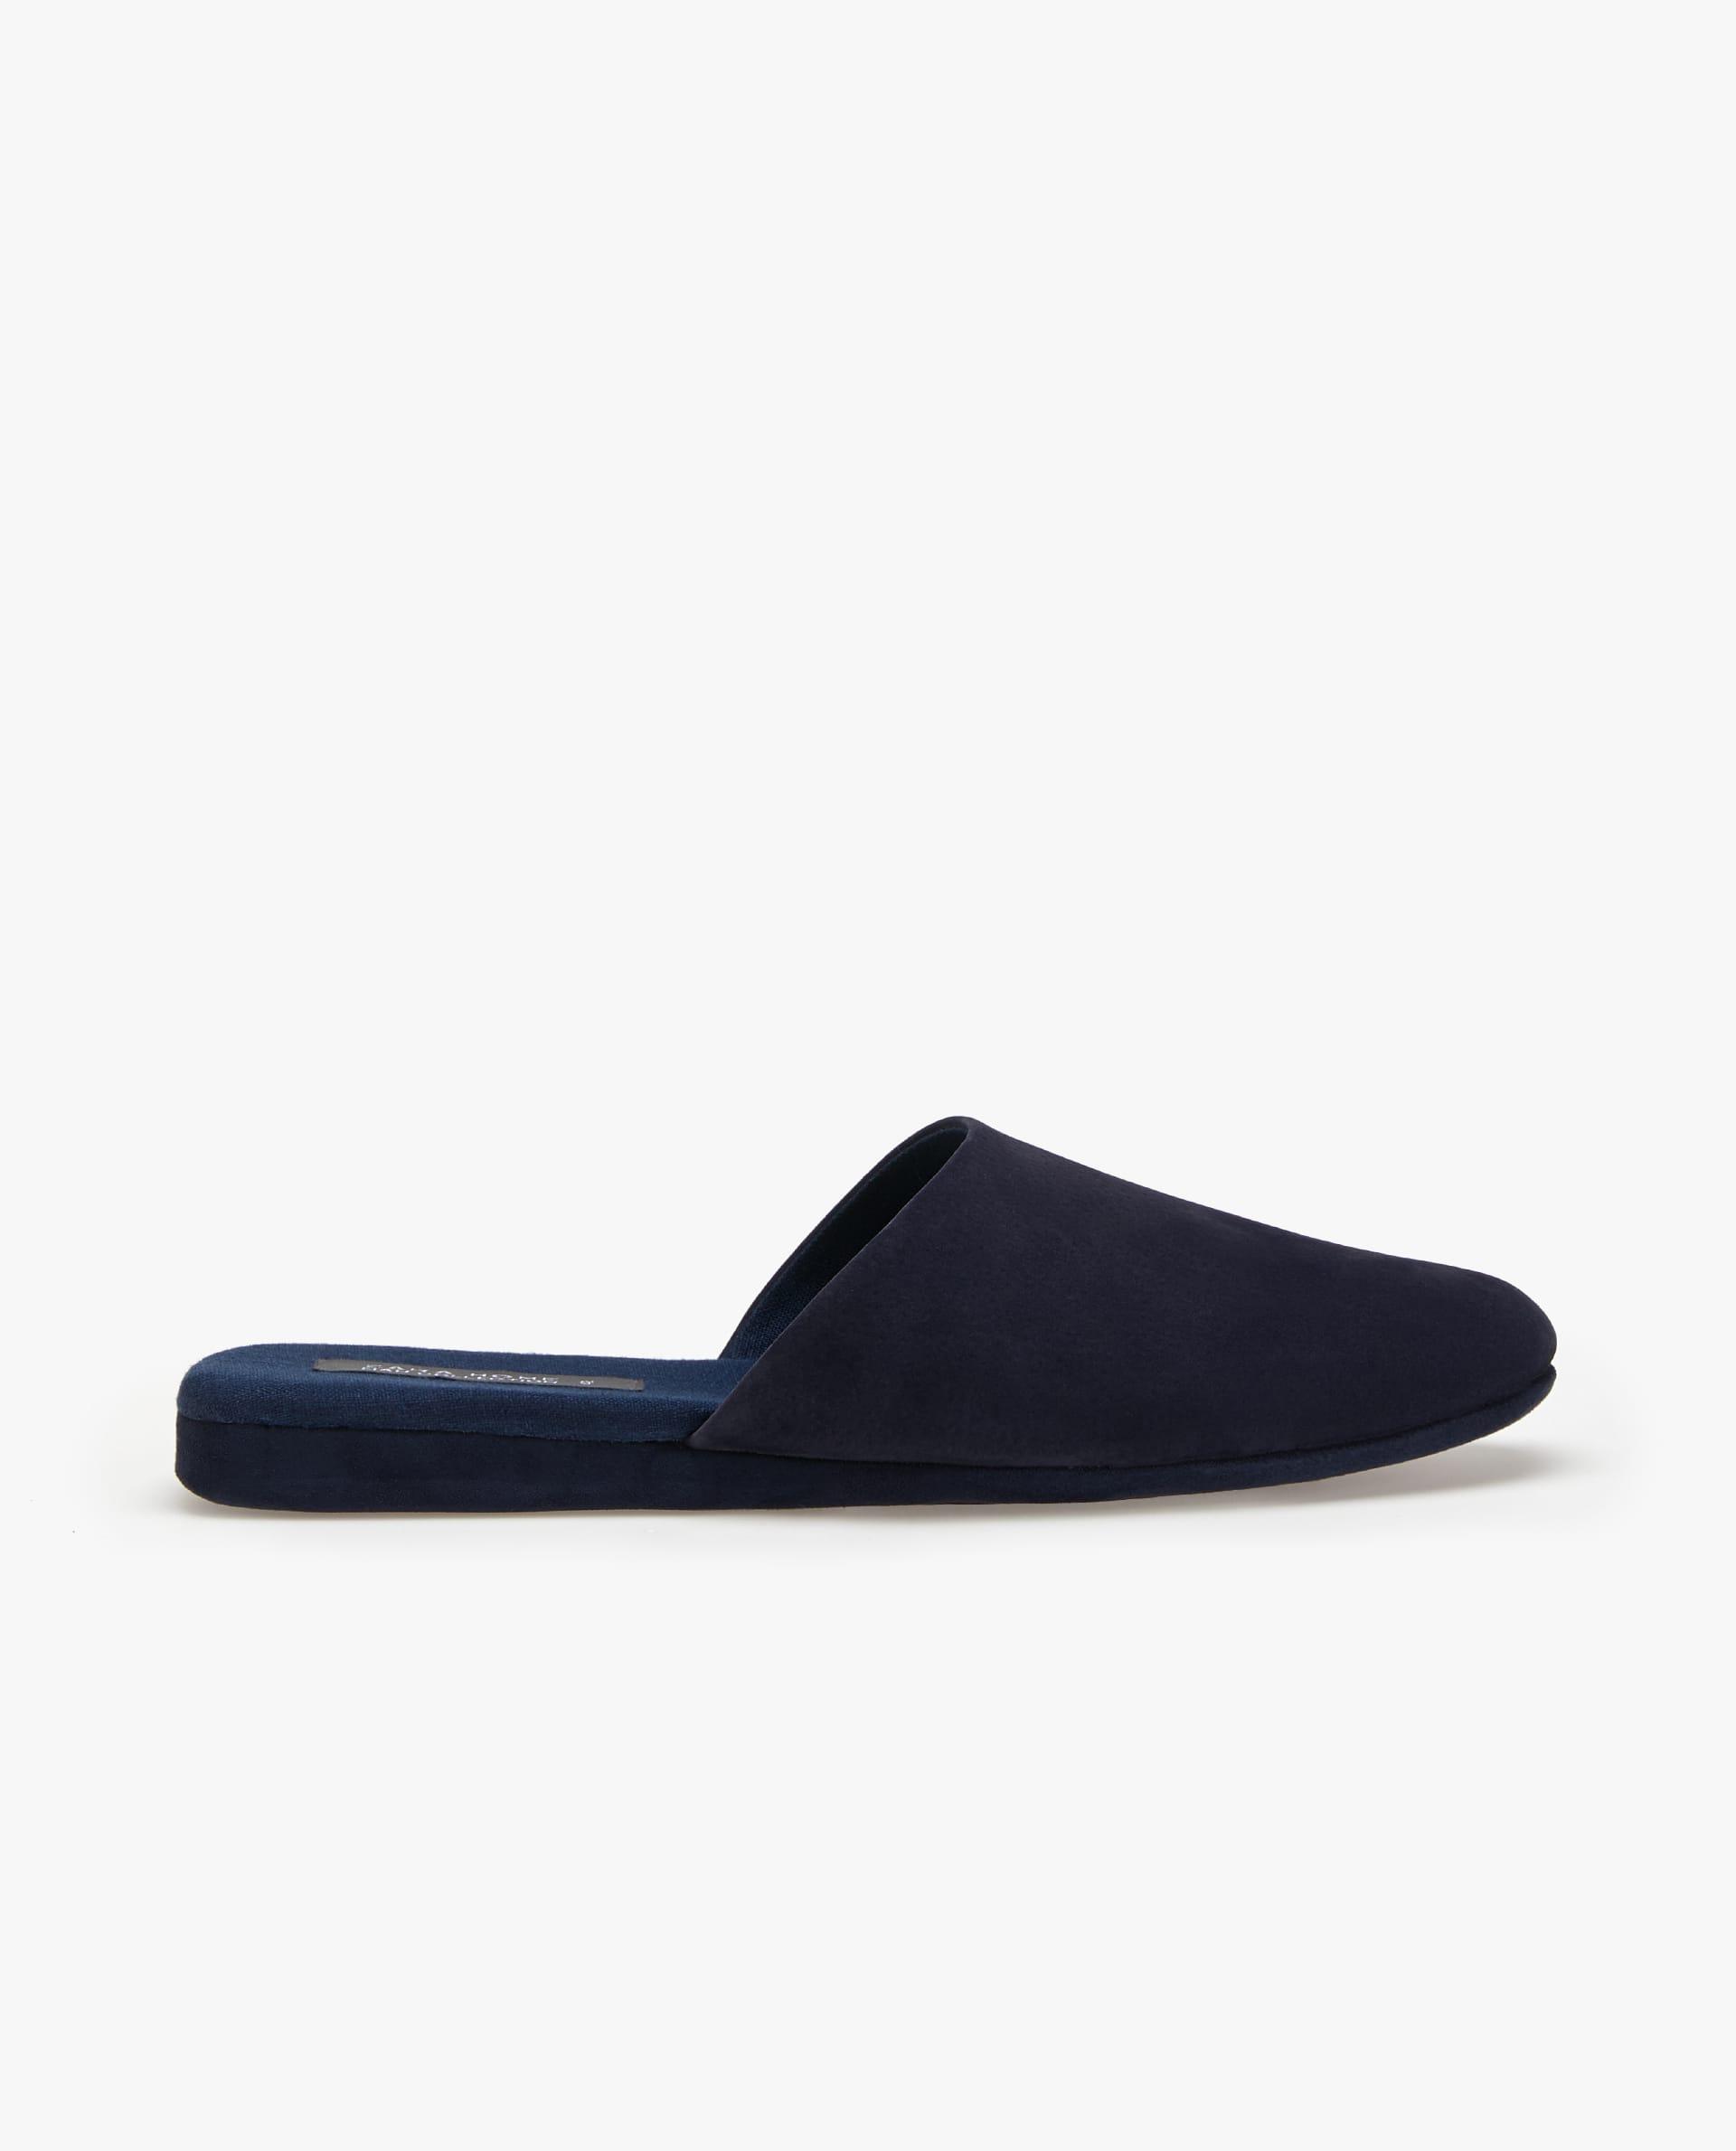 8271f1a82 MULE SLIPPERS - MEN - FOOTWEAR - CLOTHING   FOOTWEAR - BEDROOM ...